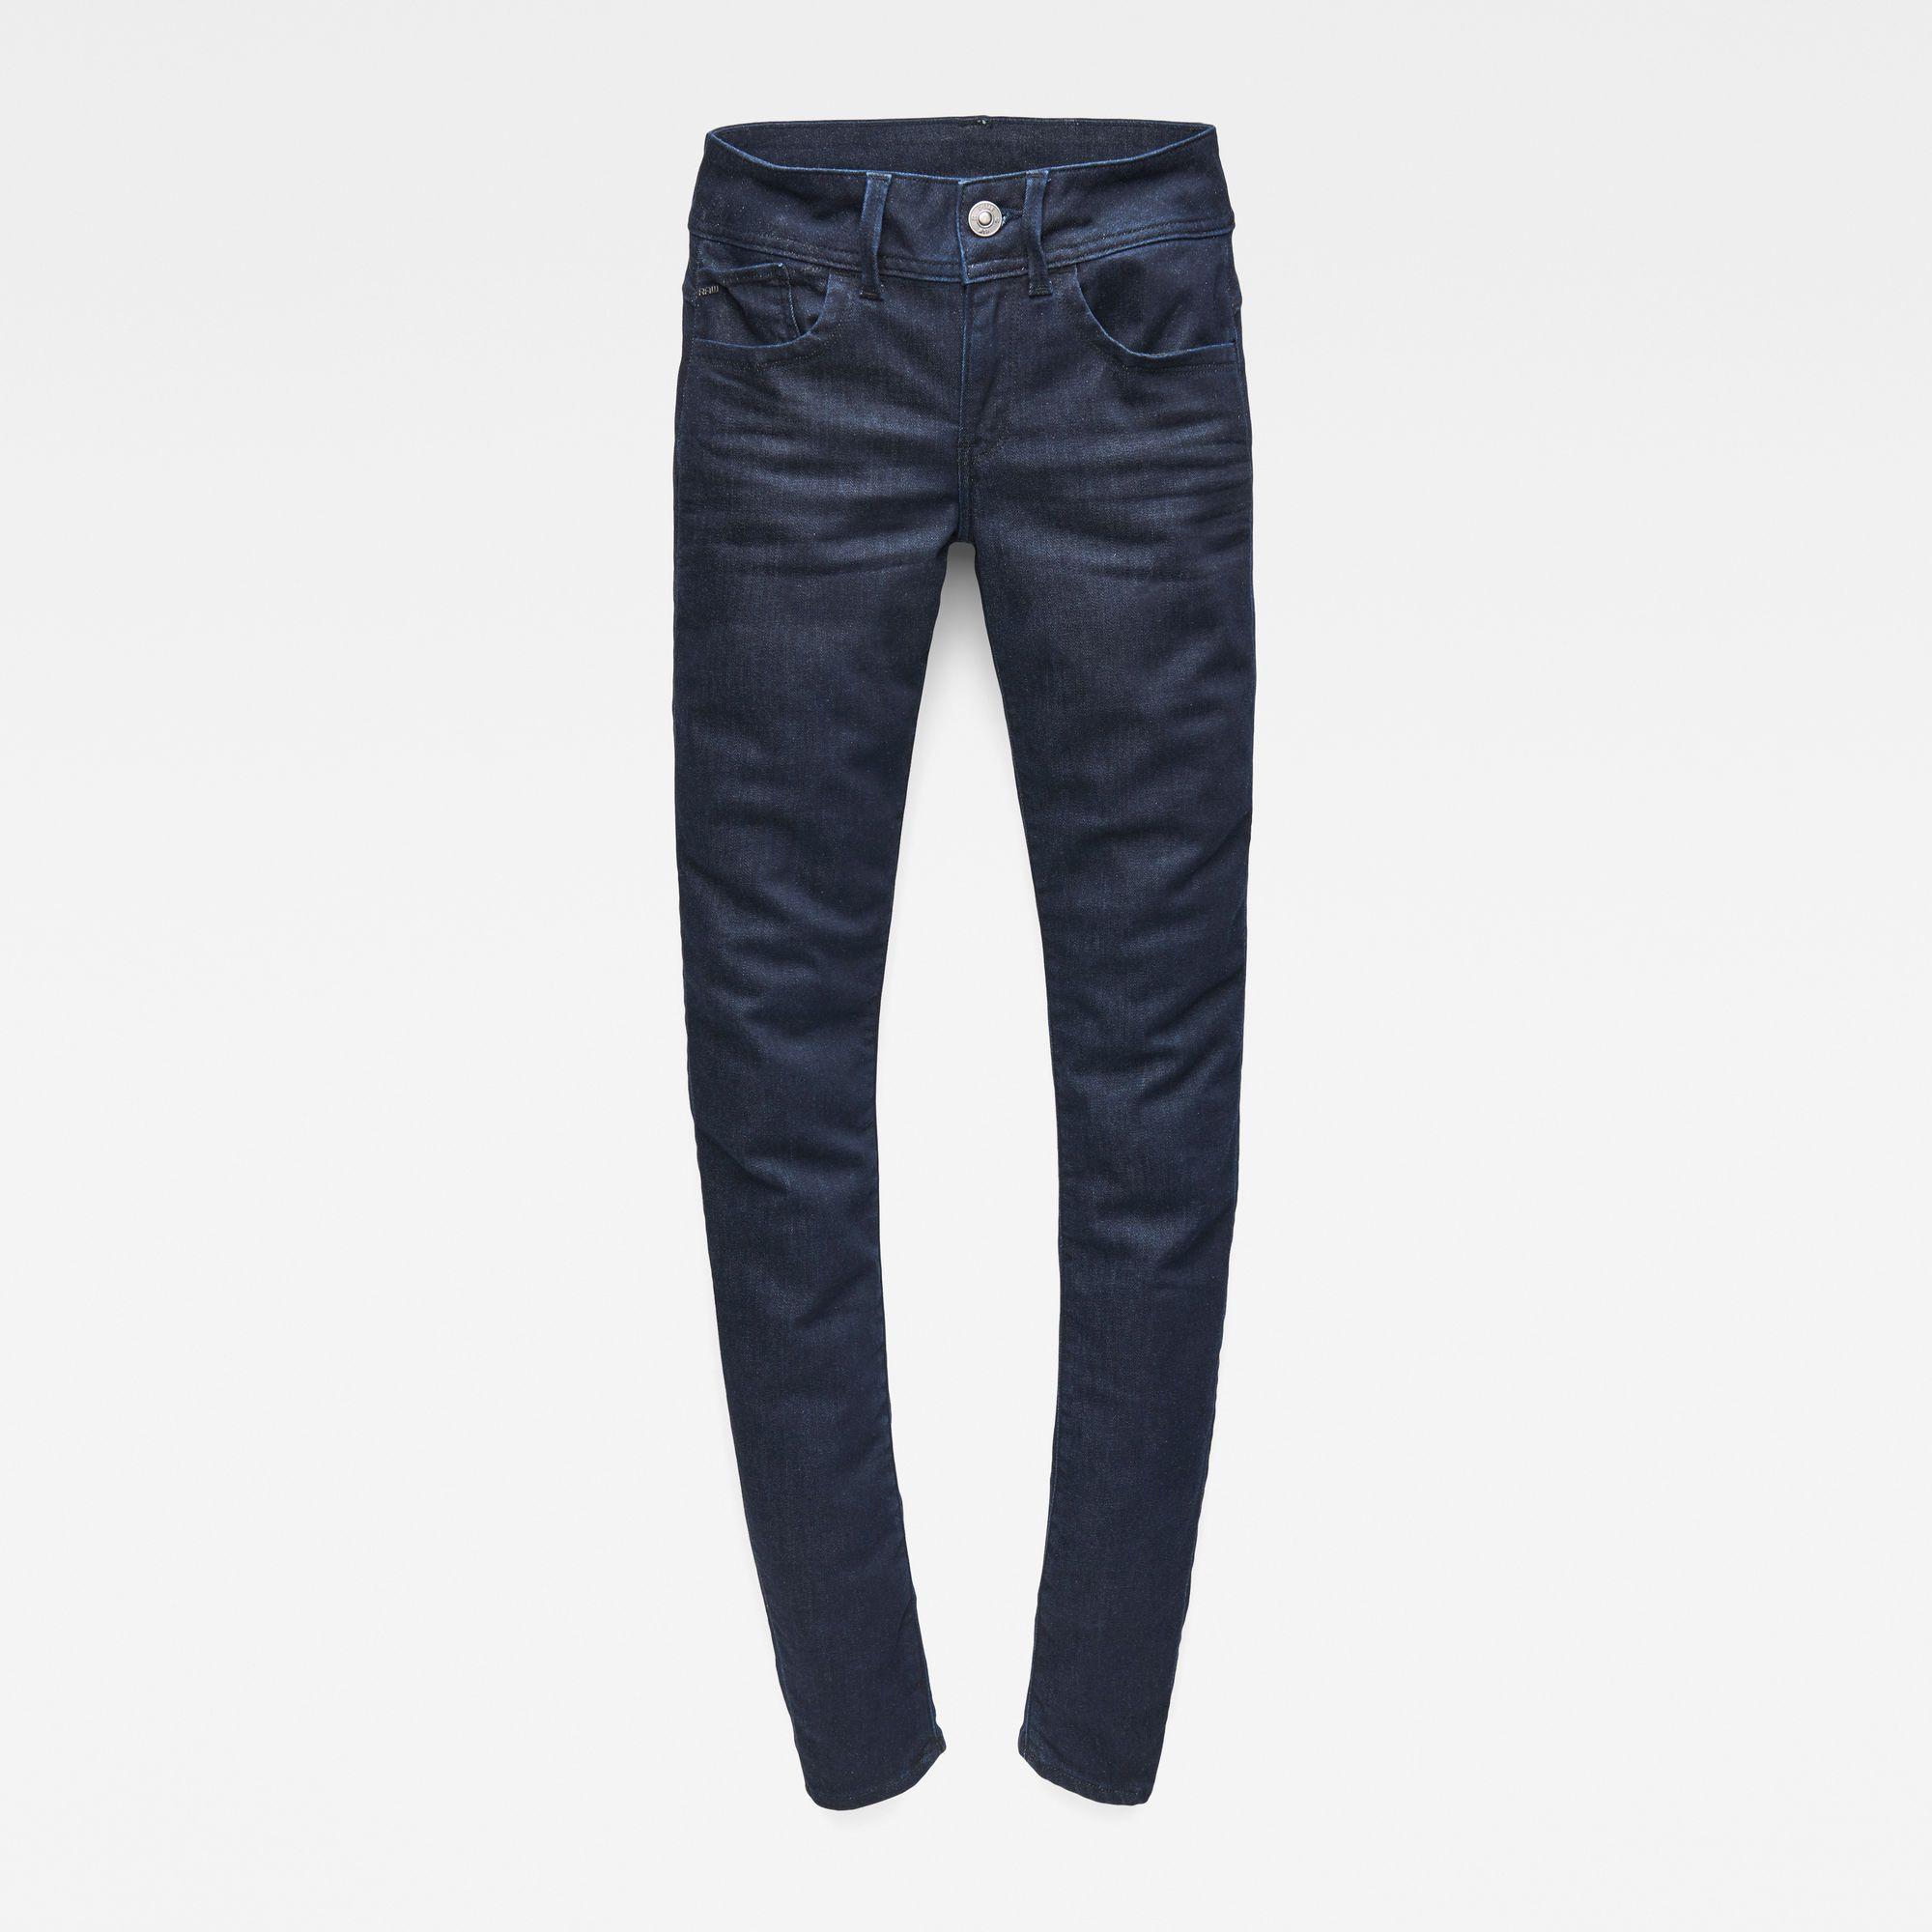 G-Star RAW Lynn Skinny Jeans